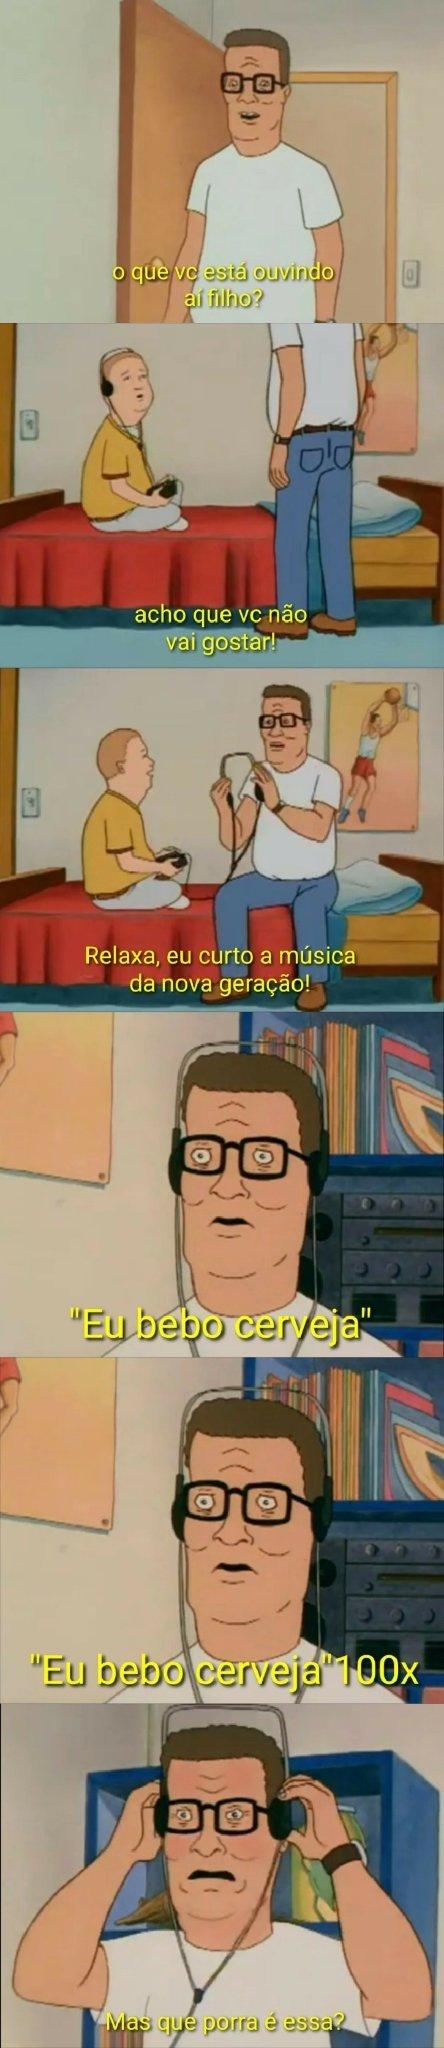 Me odeie se quiser! mais isso não é música. - meme